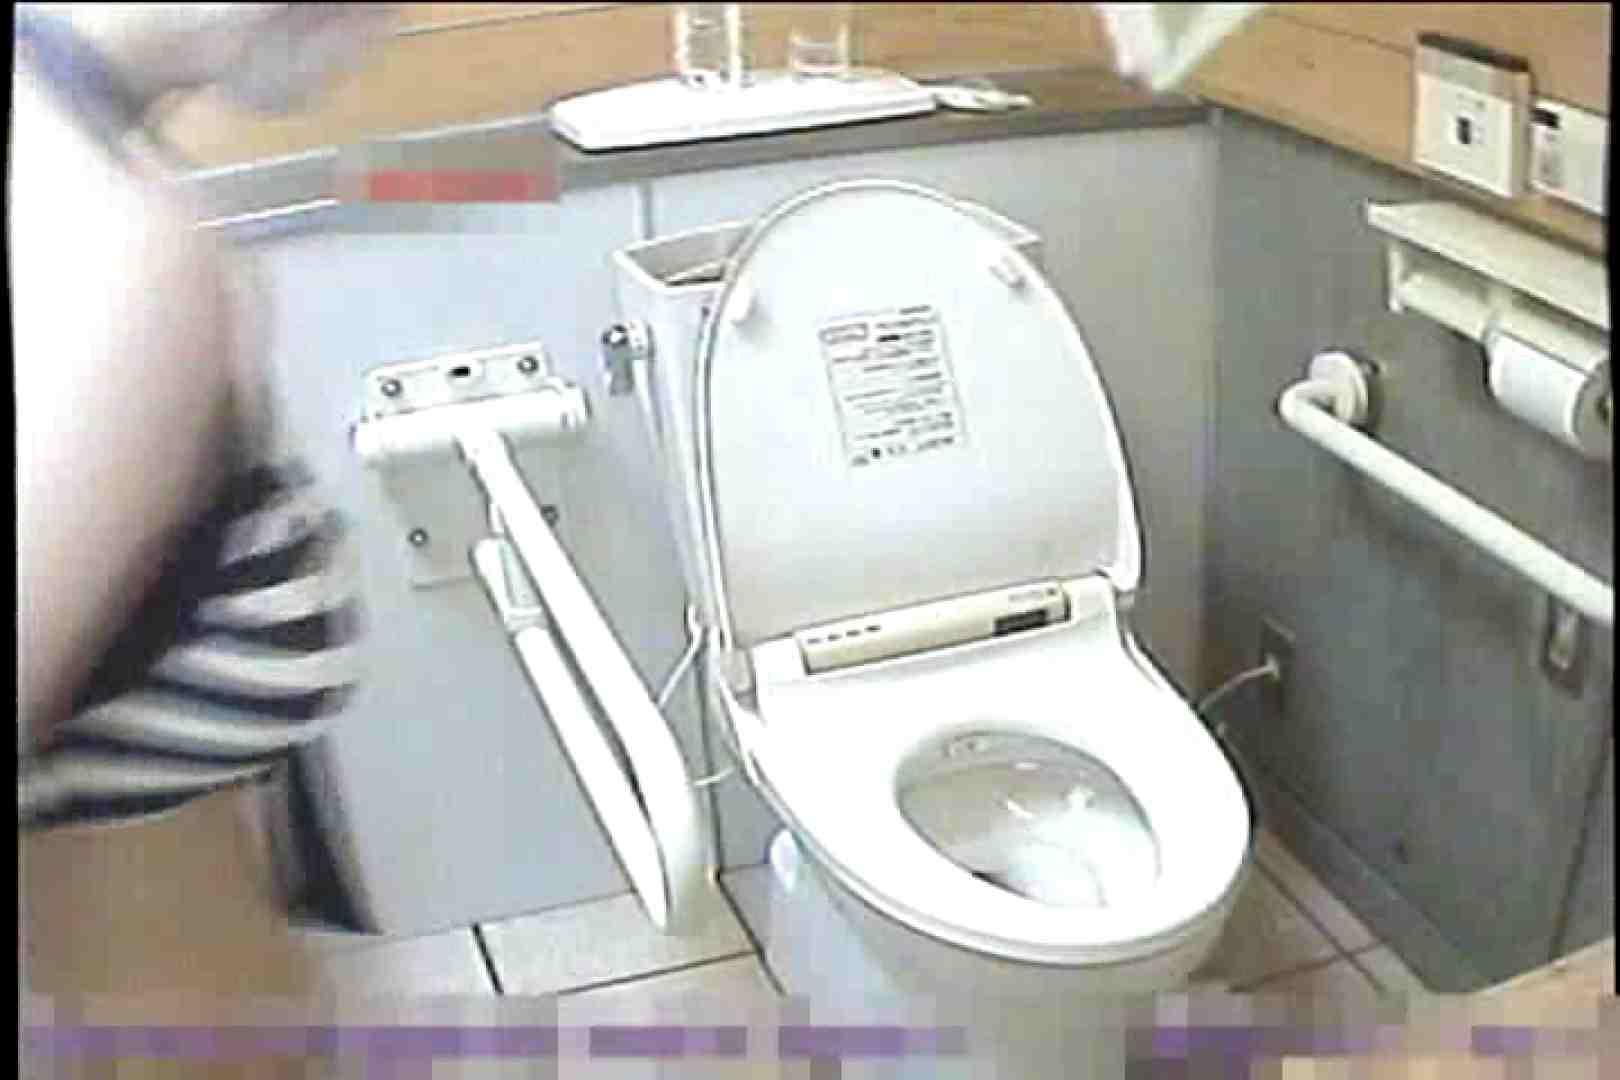 2点盗撮洗面所潜入レポートVol.7 洋式固定カメラ編 盗撮 | 潜入  63pic 37